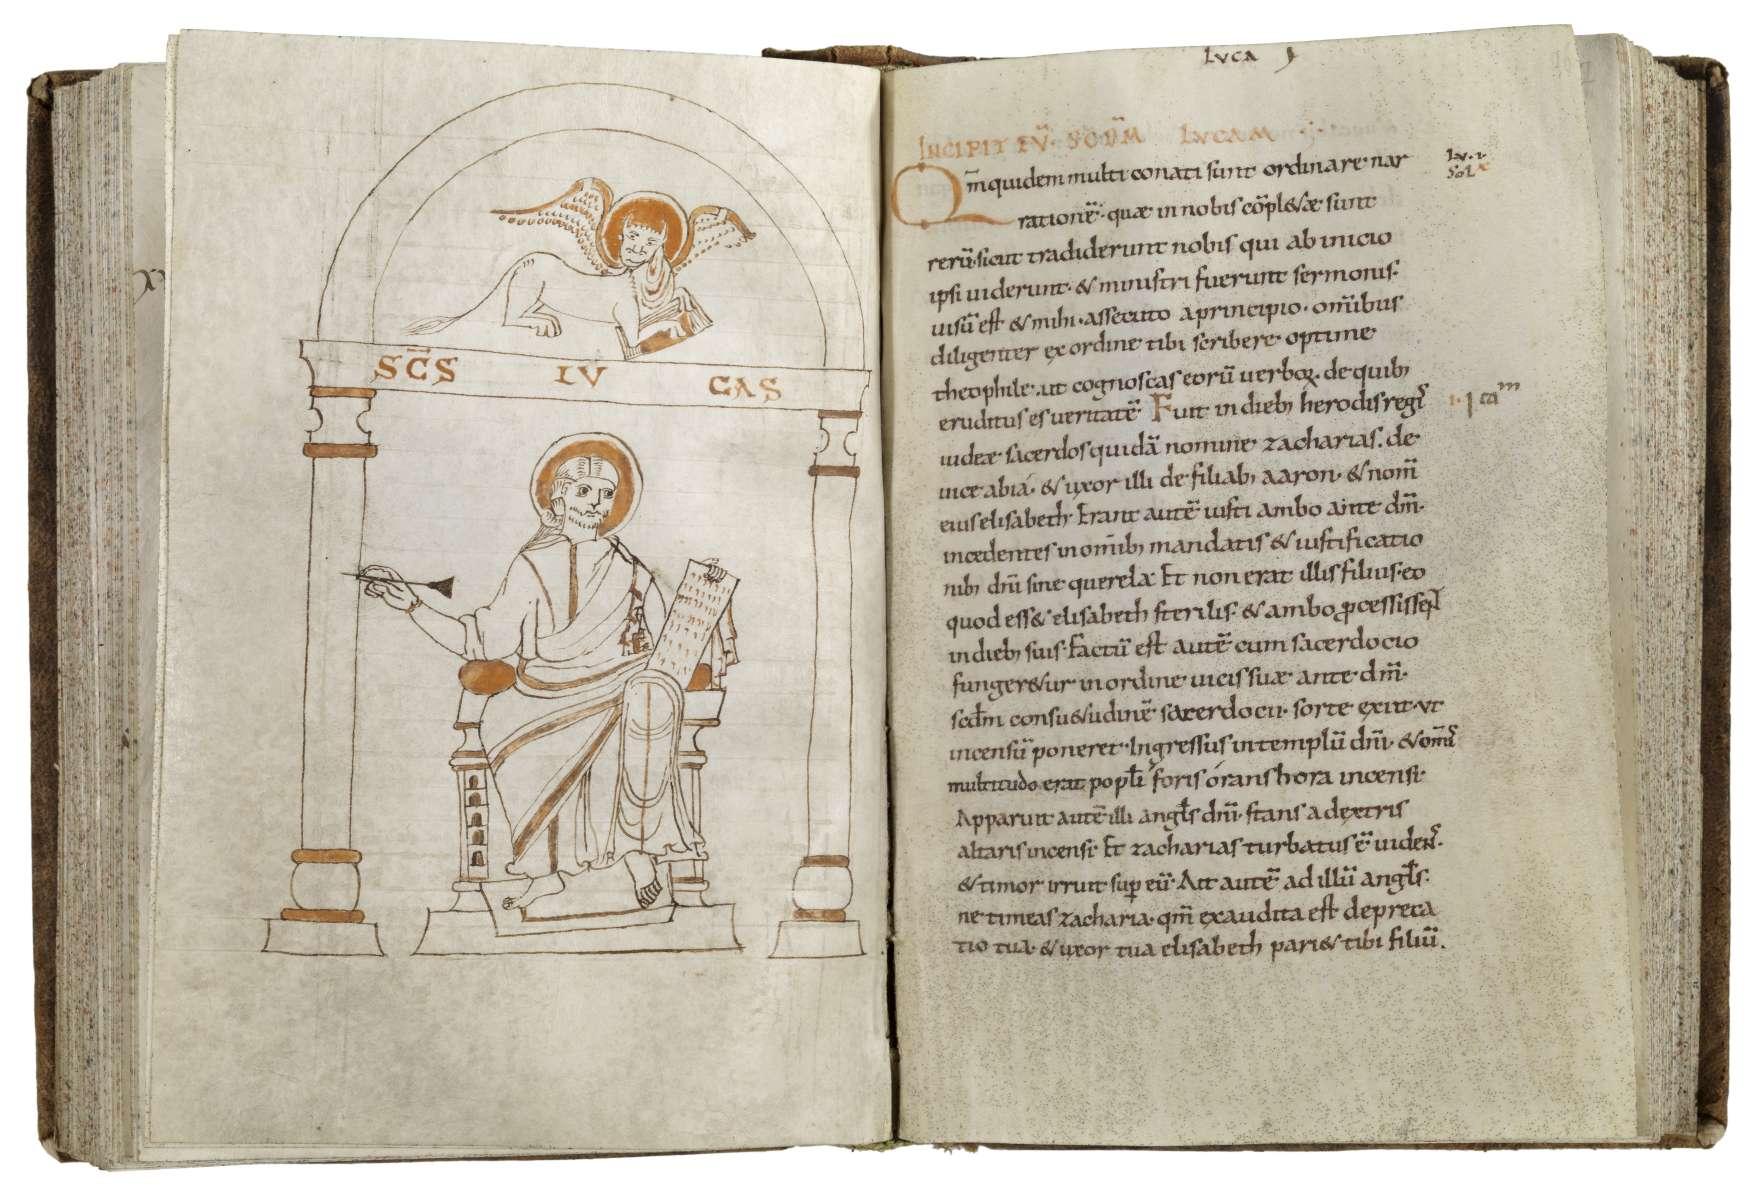 Zeichnung des Evangelisten Lukas, lateinisches Evangeliar, um 1000, Niedersachsen (?), Perga-ment, 189 Bl., 19,9 x 13,7 cm (Ausschnitt) © Staatsbibliothek Bamberg, Foto: Gerald Raab